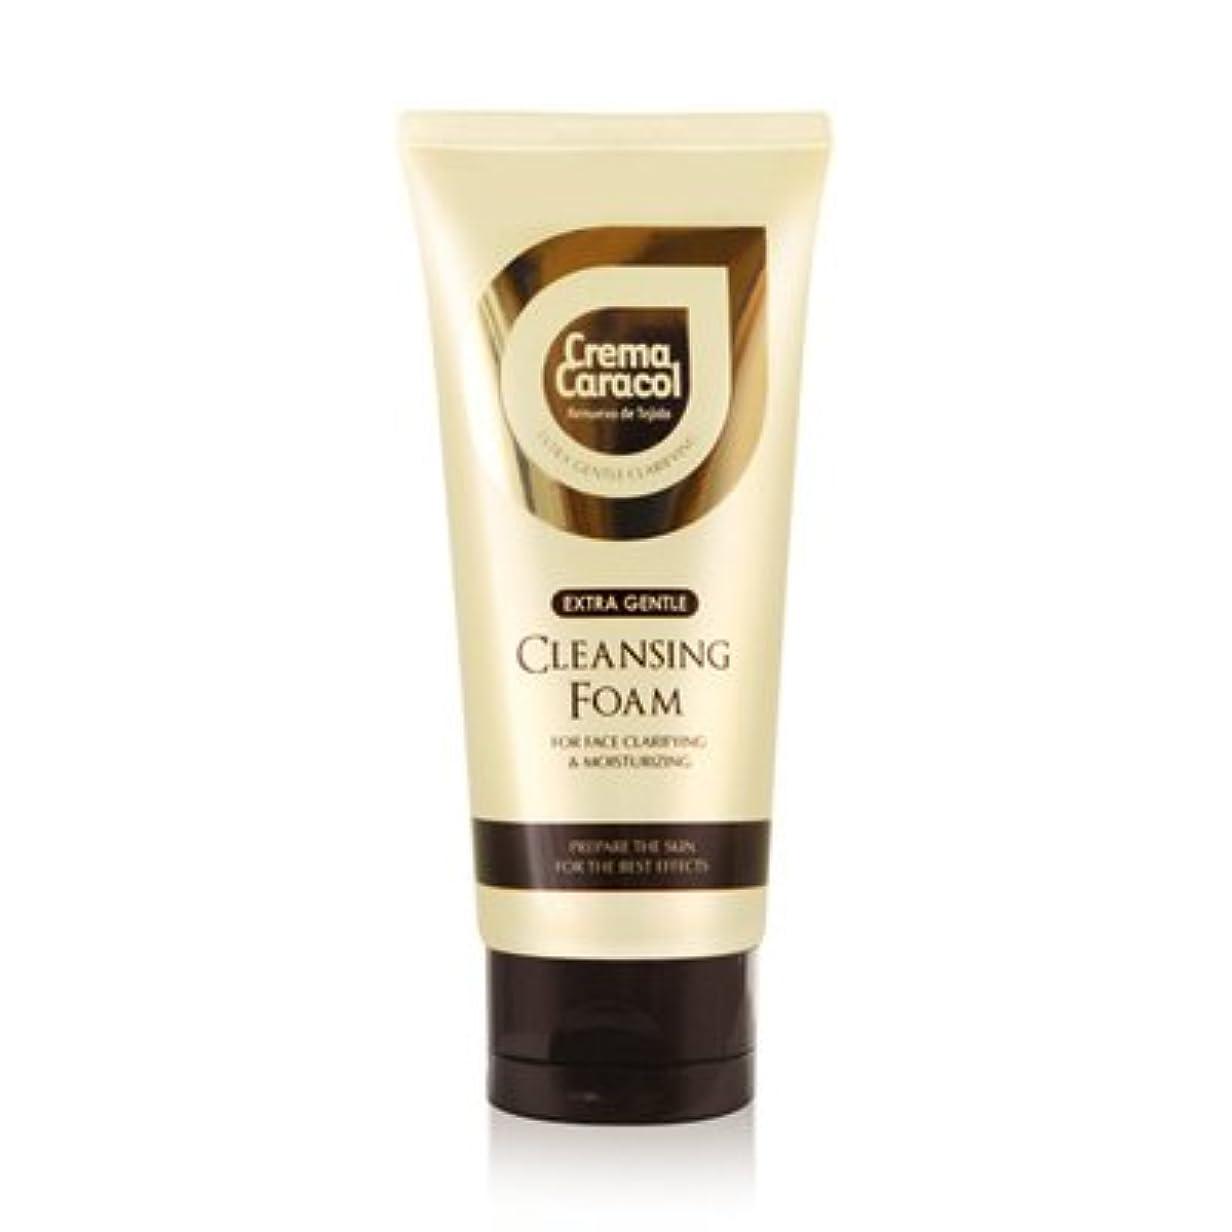 句プリーツバージャミンギョン [Jaminkyung] Crema Caracol Extra Gentle Cleansing Foam175ml エクストラジェントル カタツムリクレンジングフォーム175ml